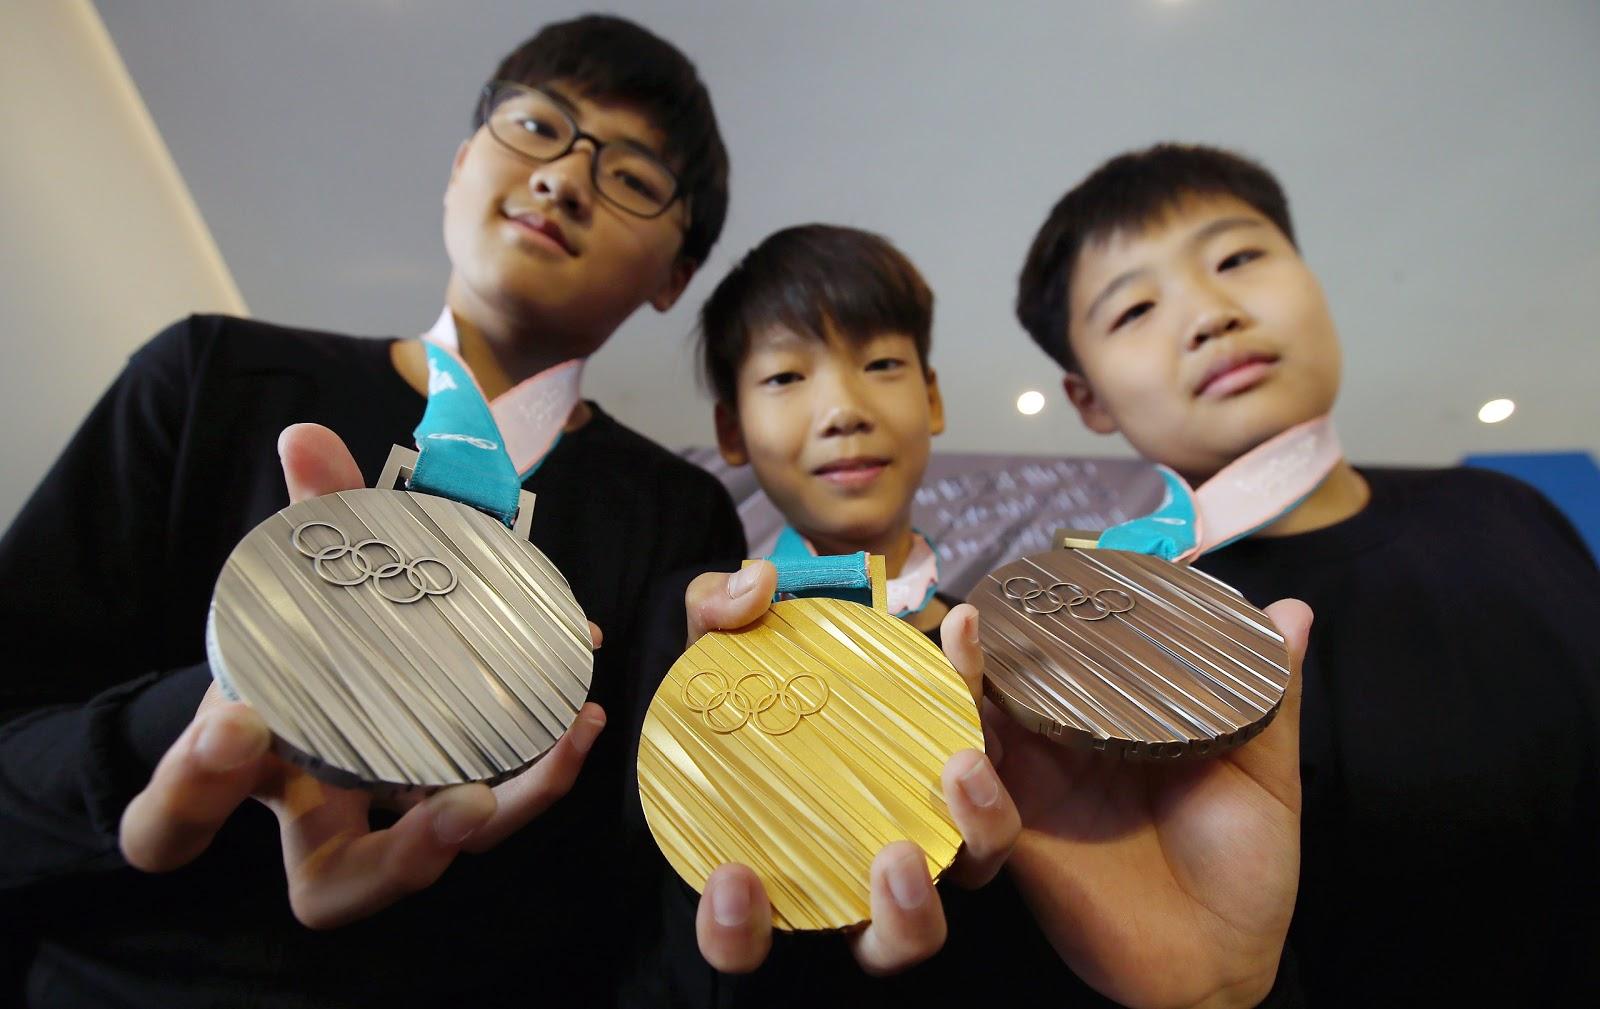 平昌オリンピックの金と銀と銅のメダルを韓国の三人の子供が持っている